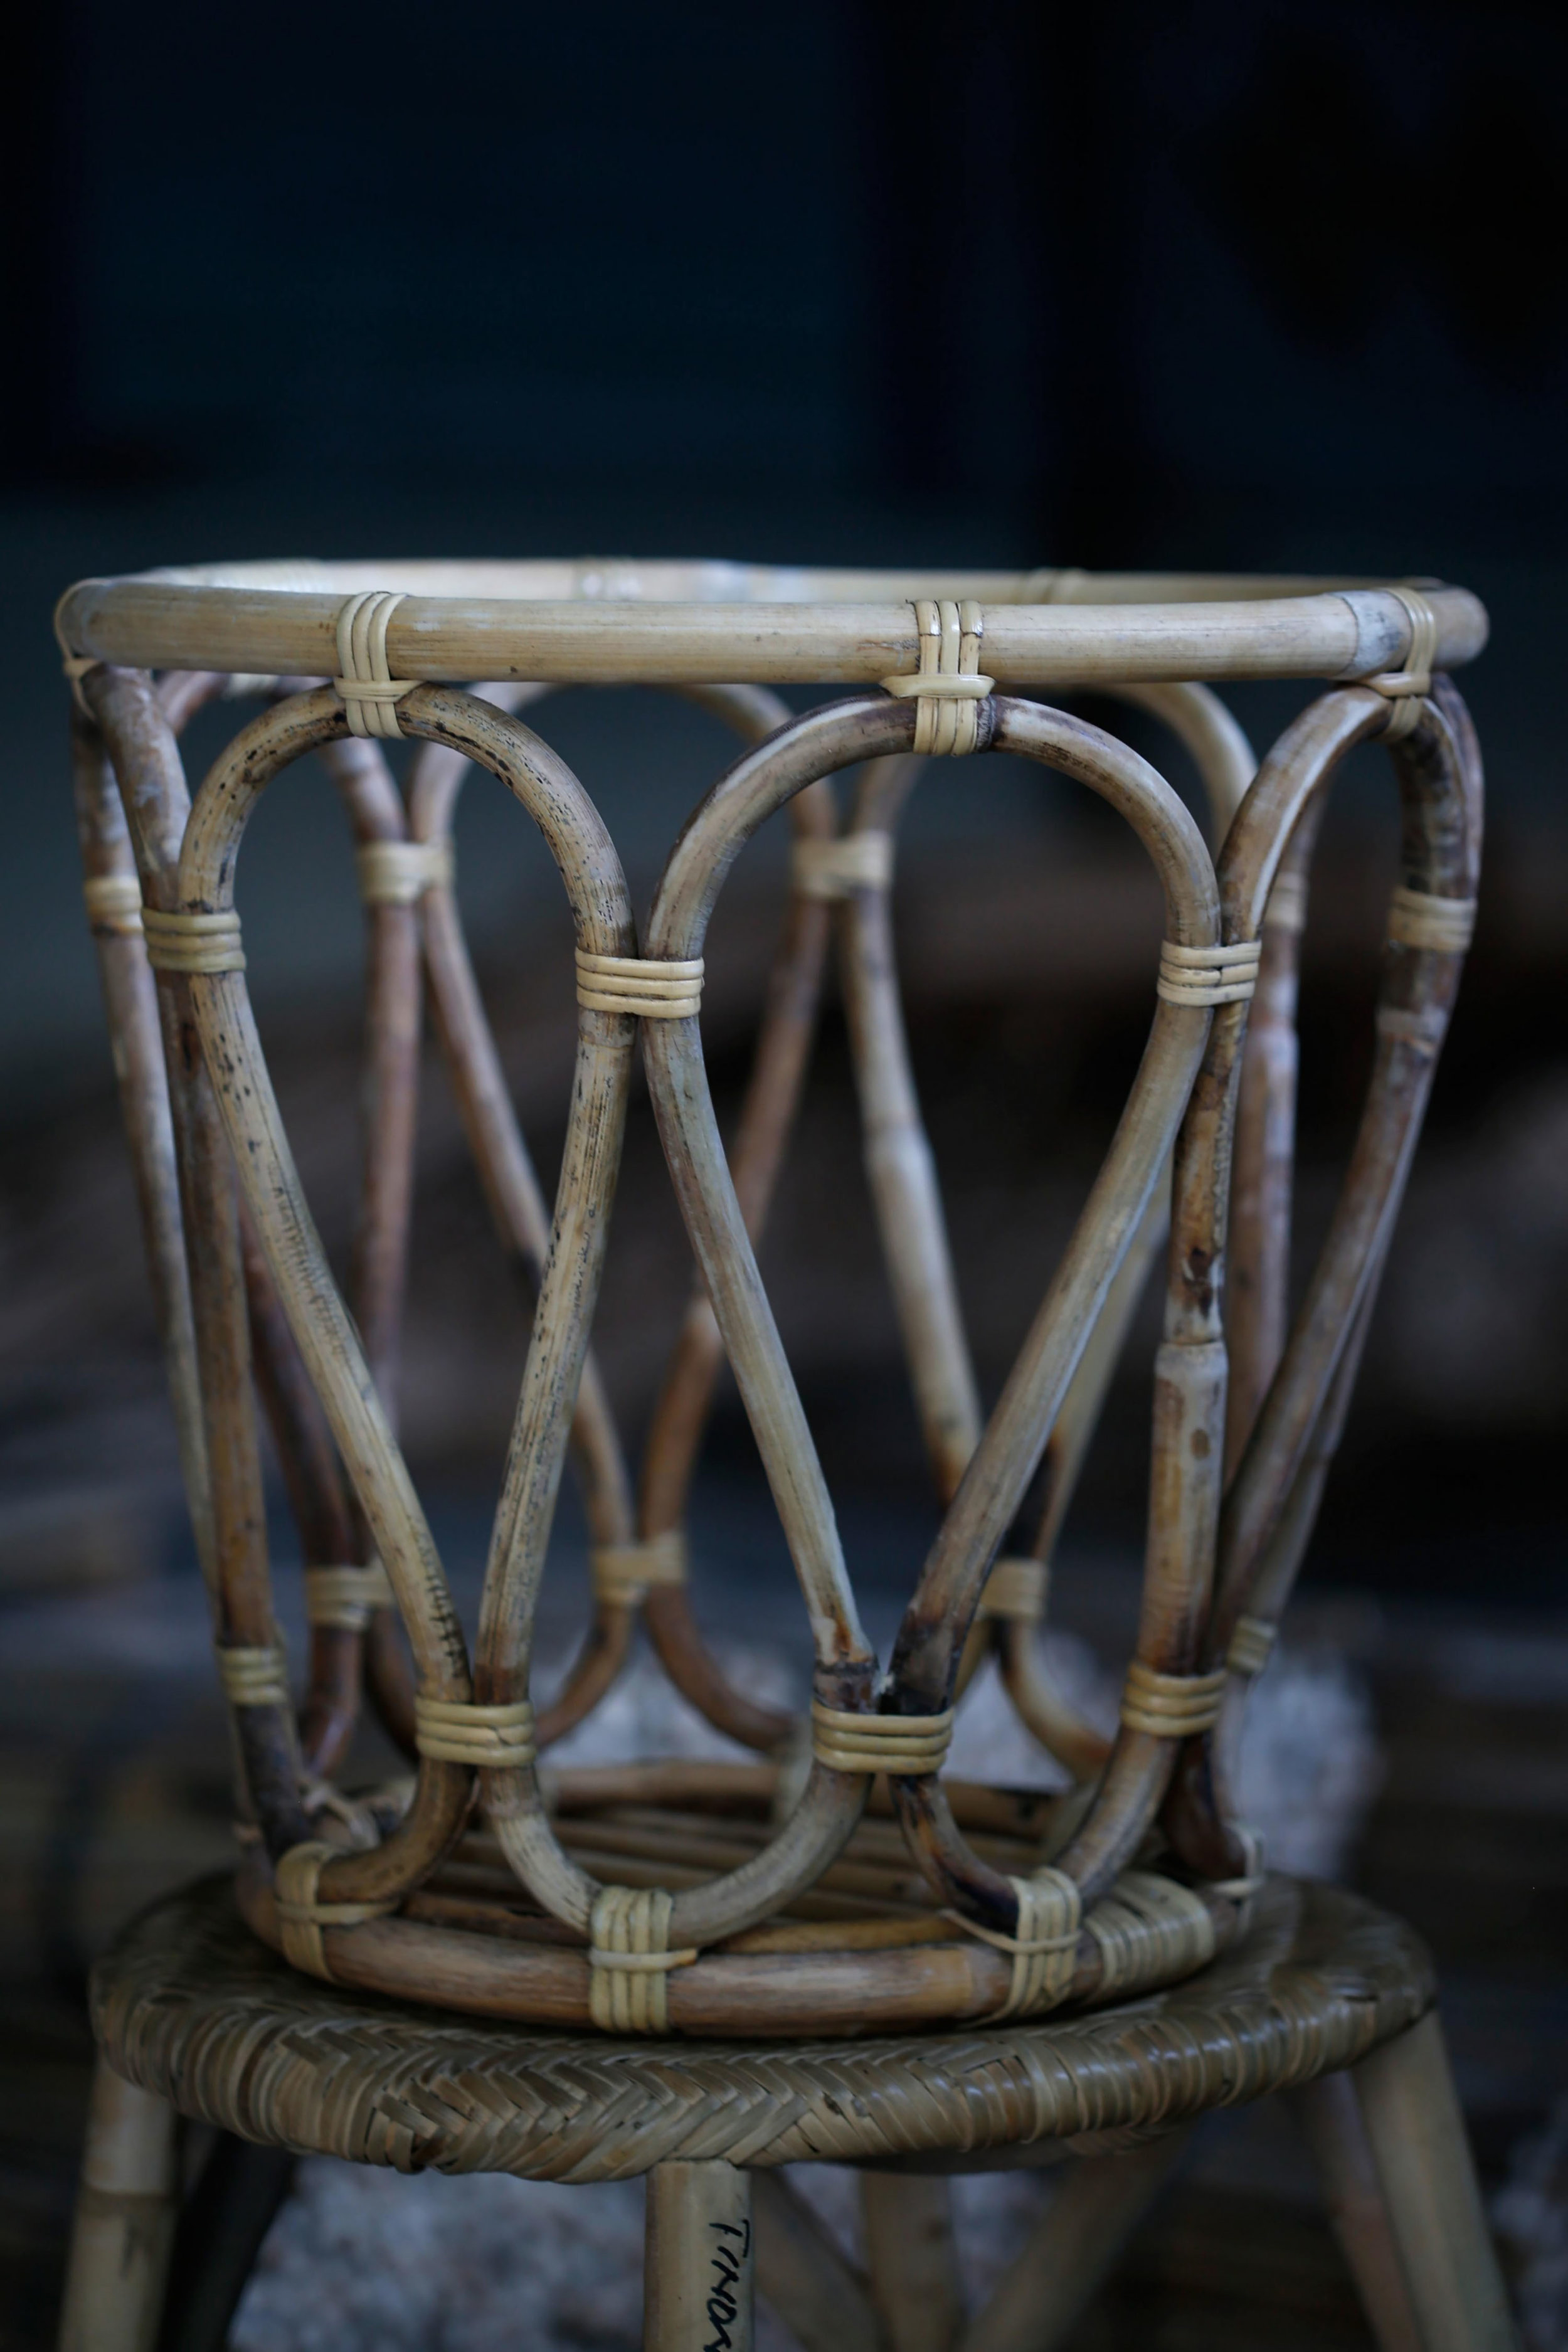 IKEA-Iina-Vuorivirta-JASSA-basket-2500x3750.jpg